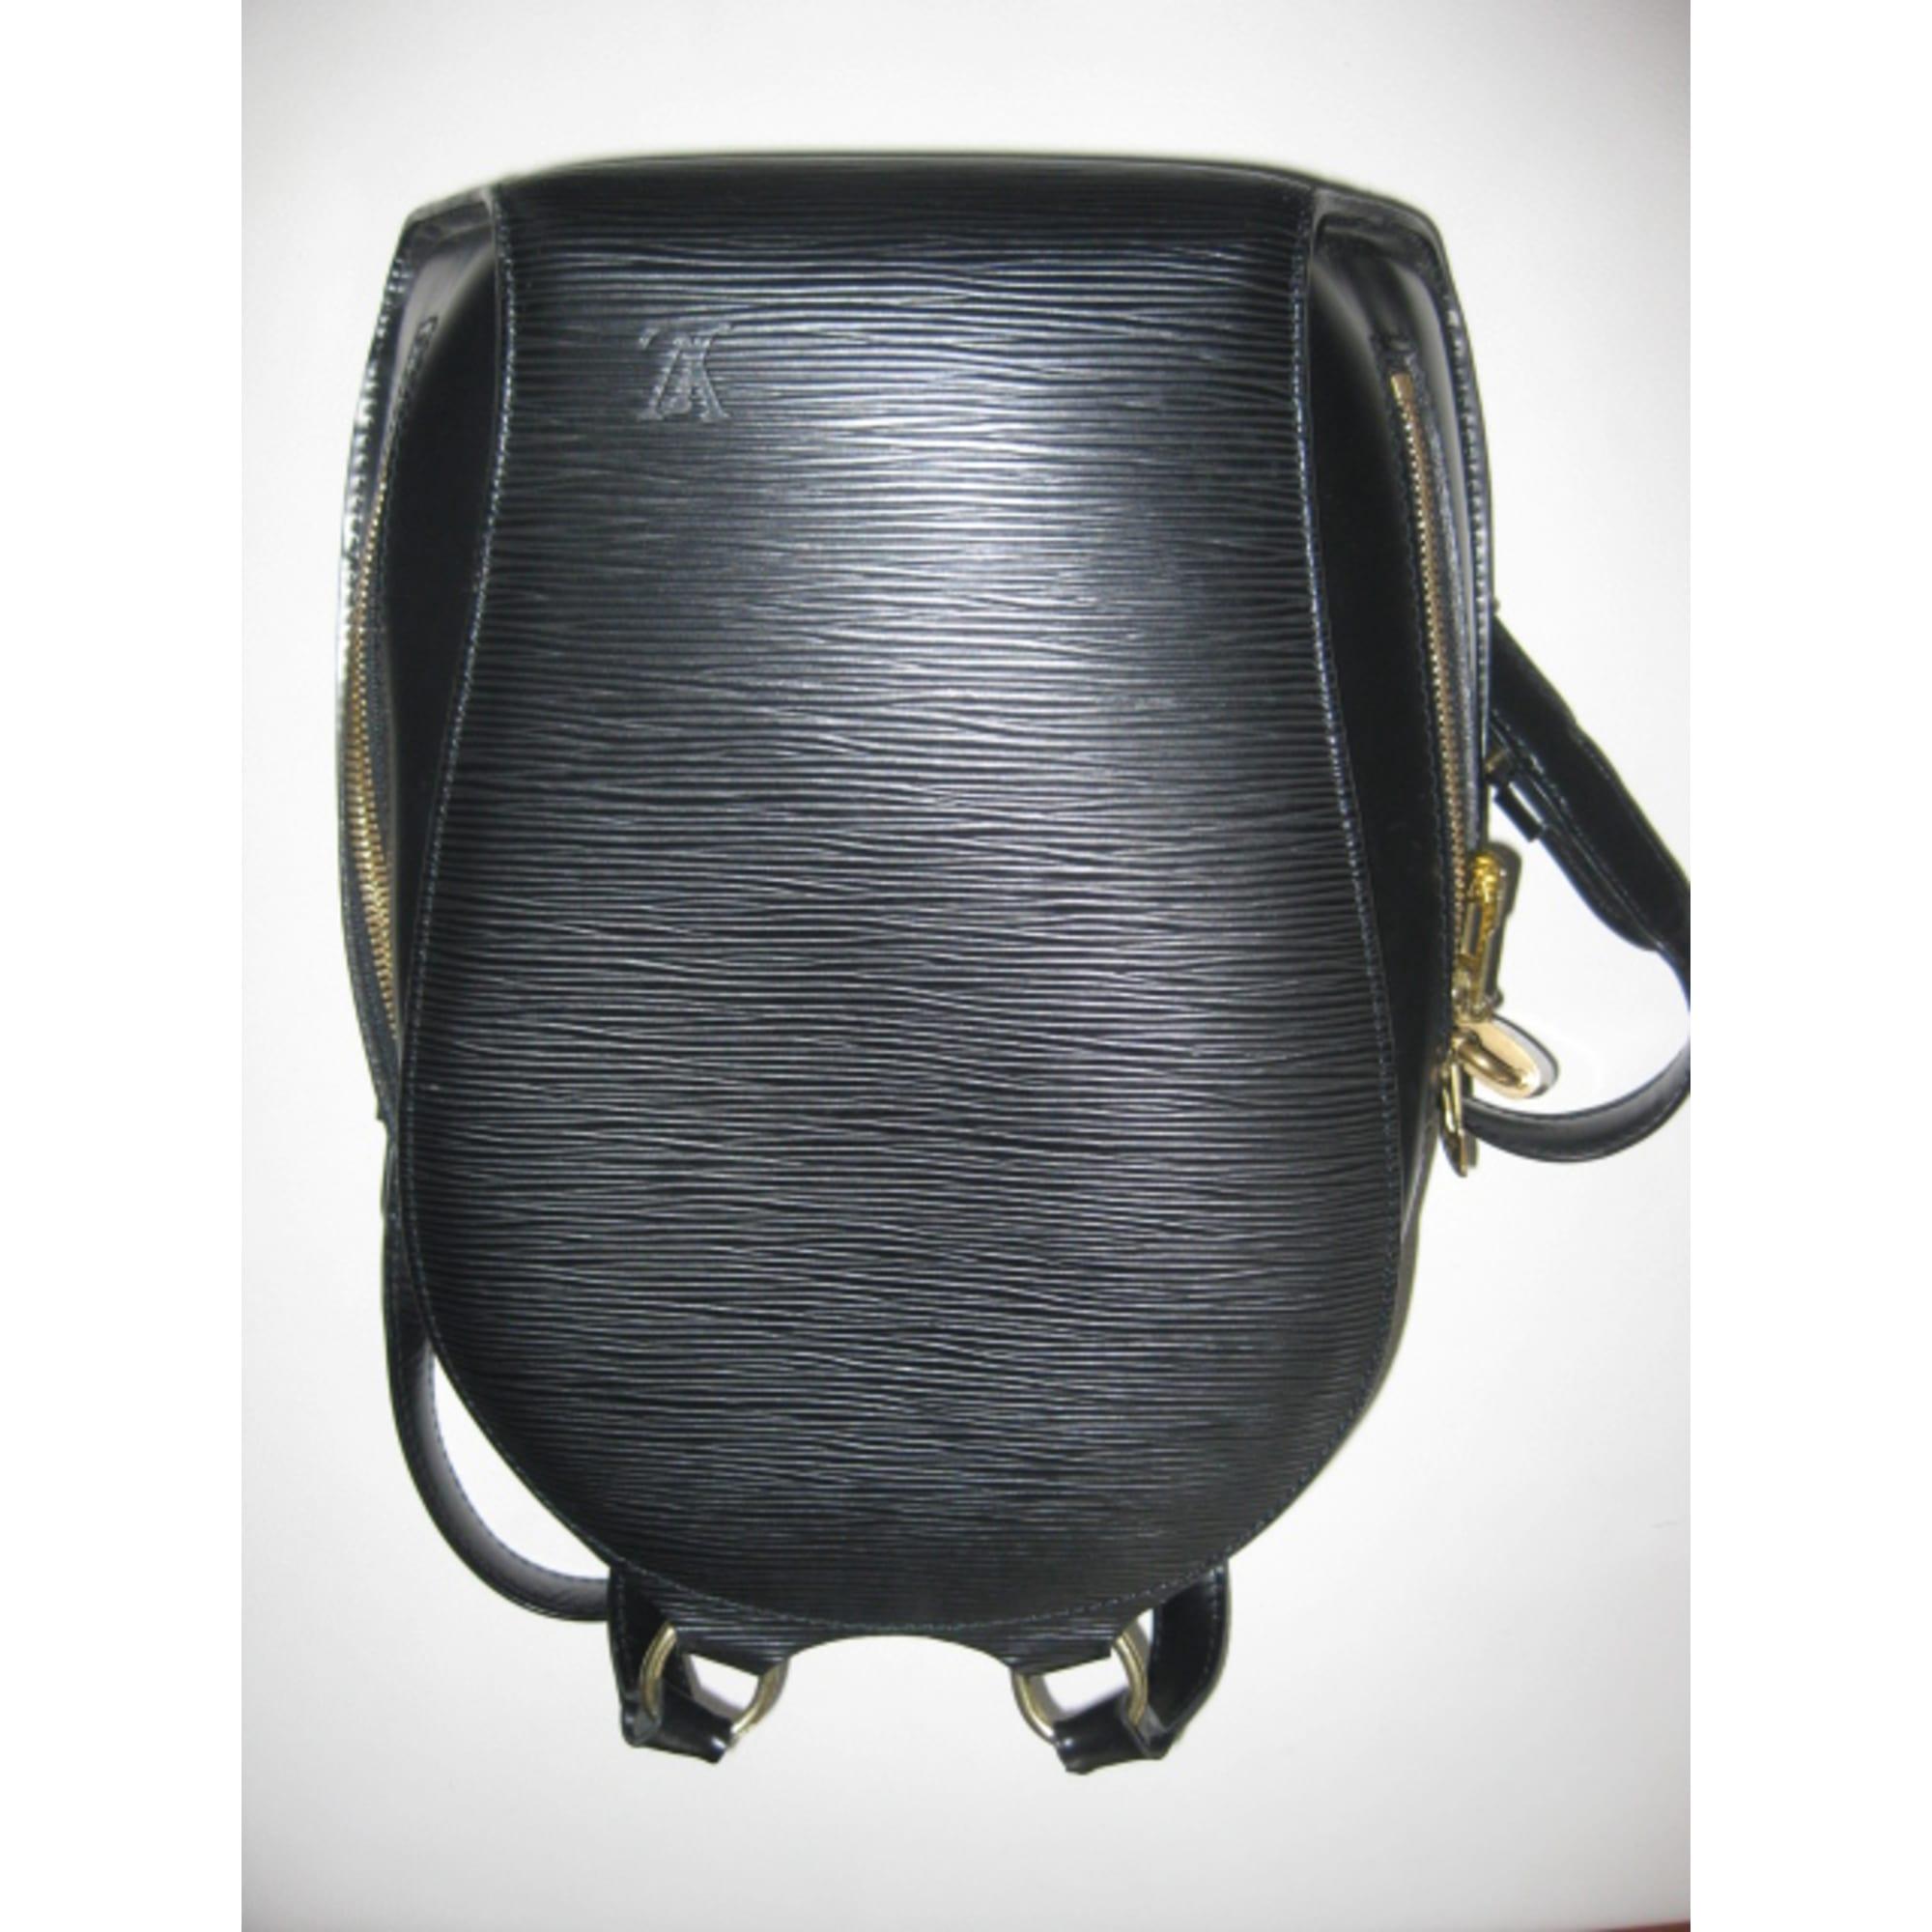 e1940107b2d Sac en bandoulière en cuir LOUIS VUITTON noir vendu par Nadine ...